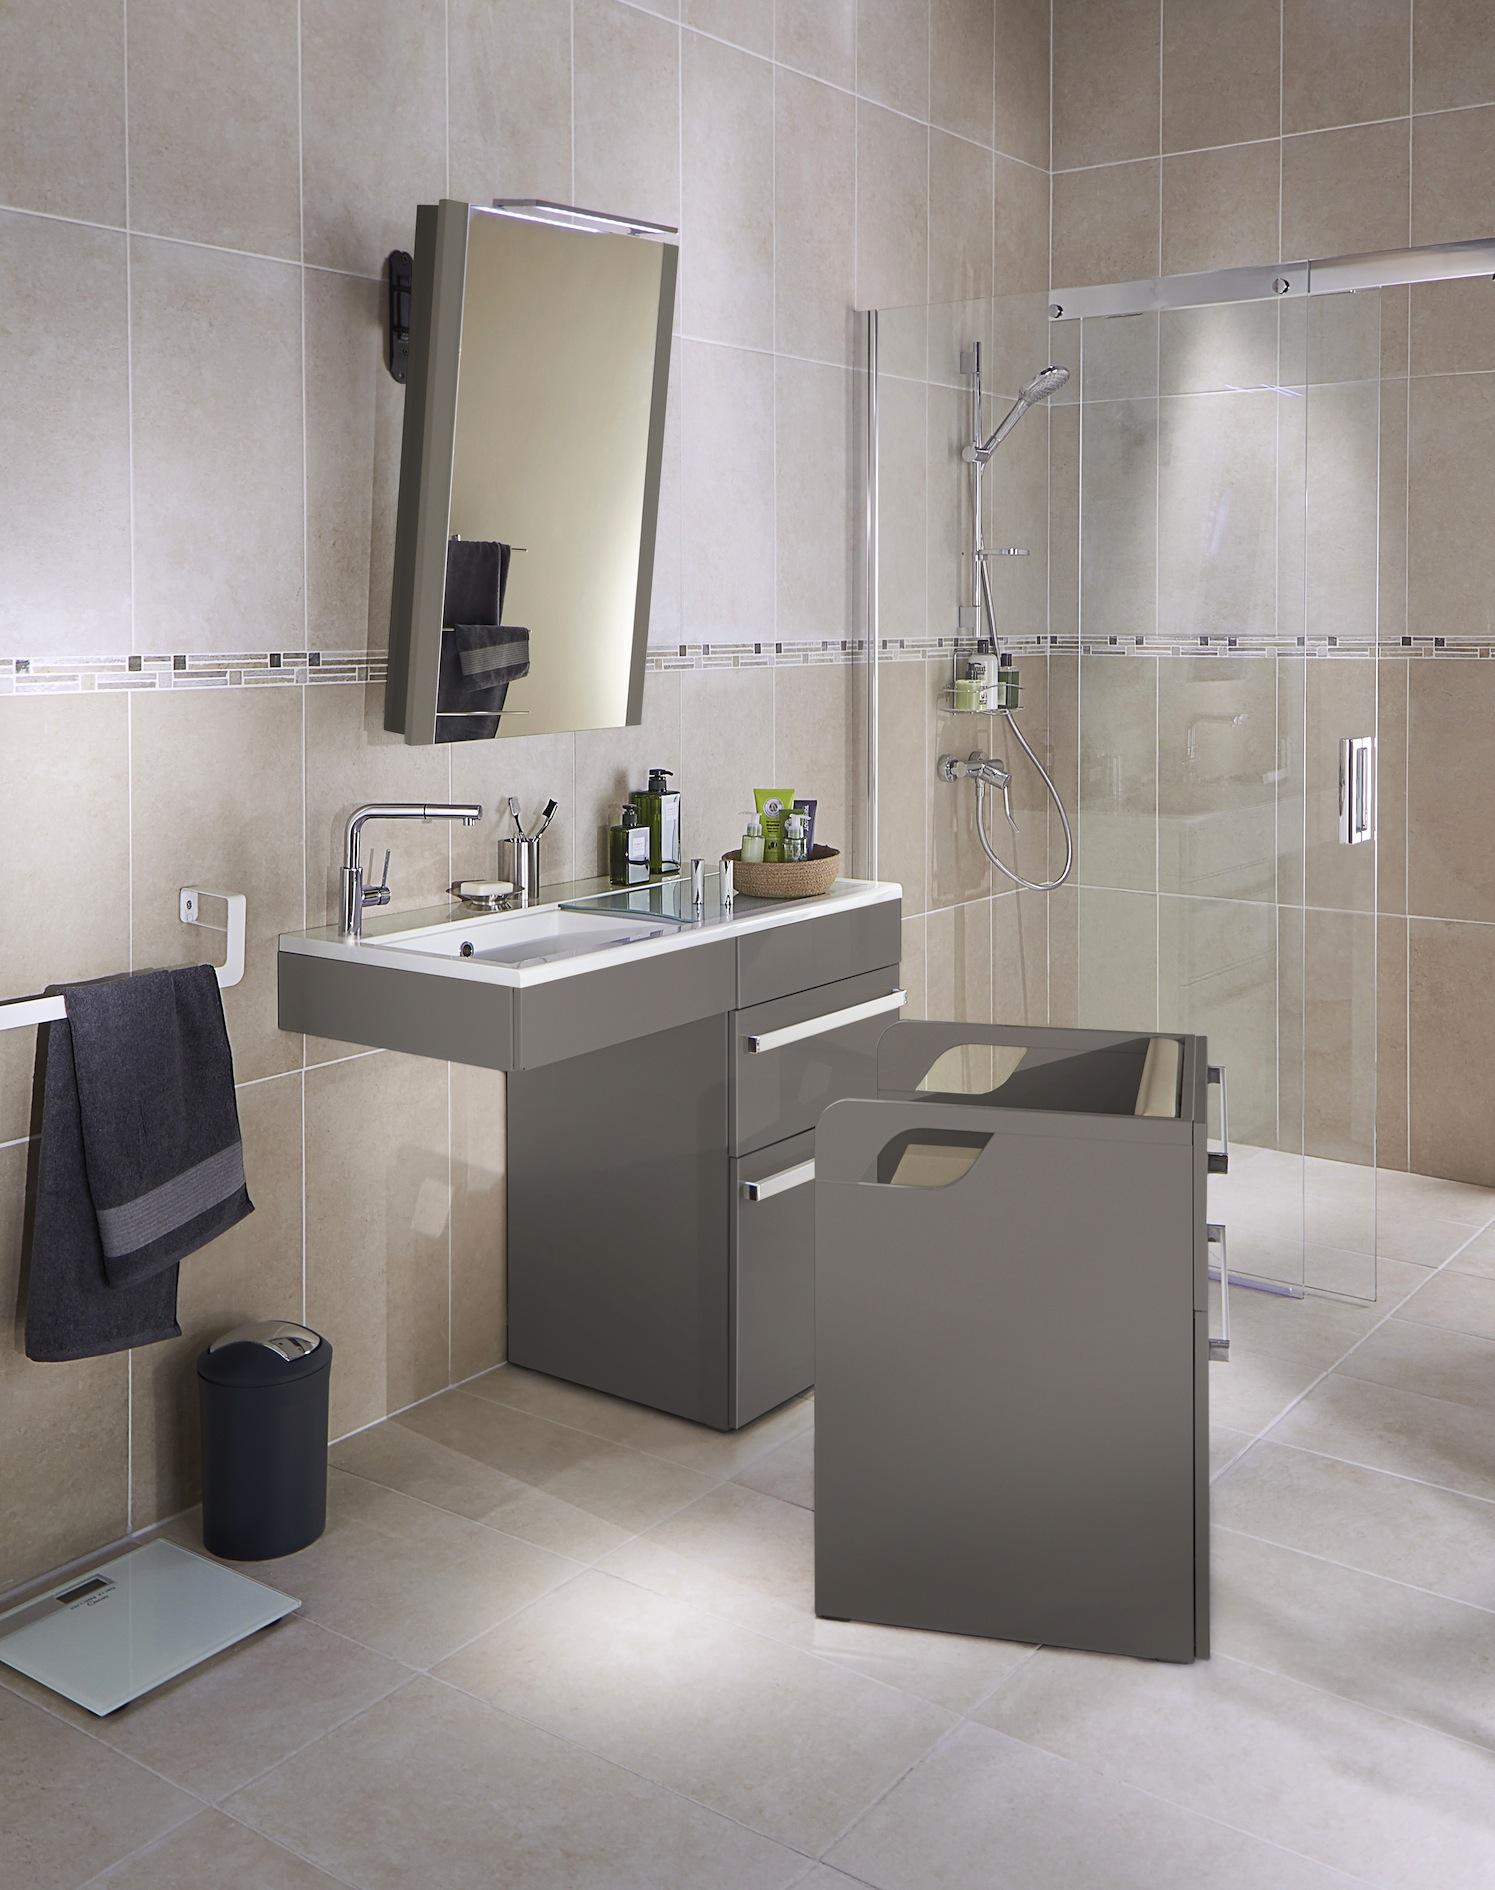 Aménagement des salles de bains et douches séniors